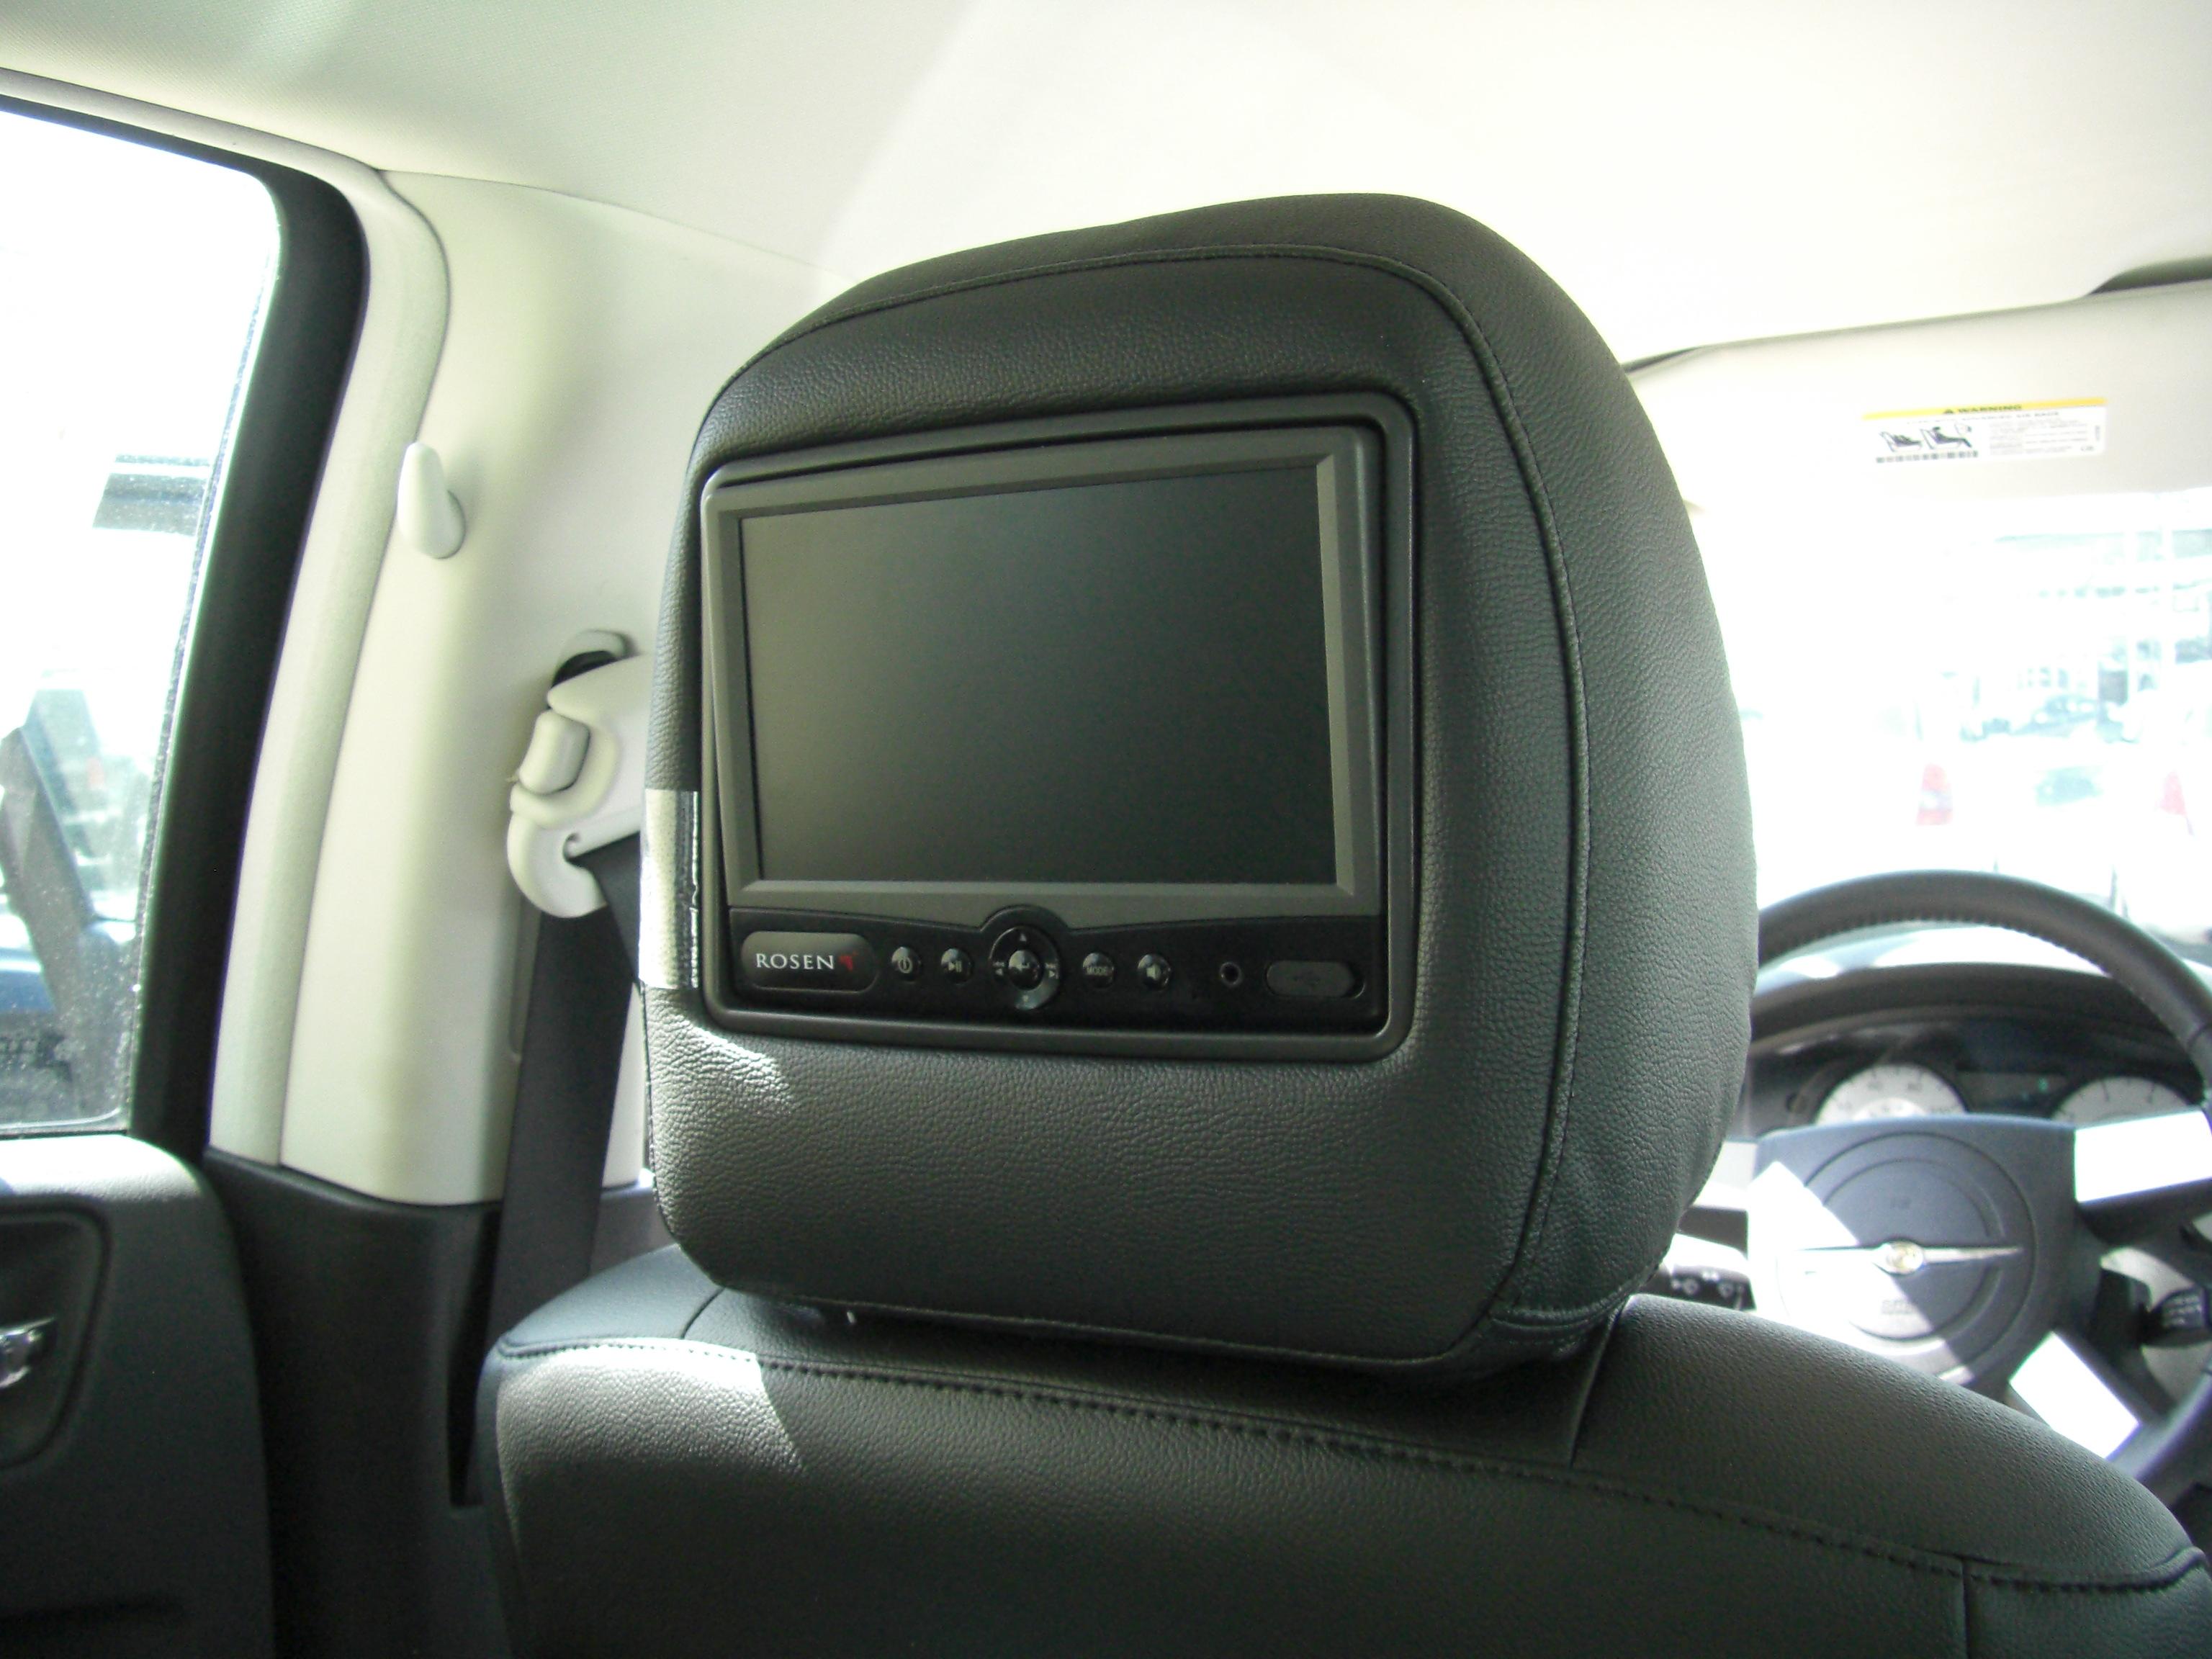 chrysler rear seat entertainment rosen av7500 dvd headrest. Black Bedroom Furniture Sets. Home Design Ideas